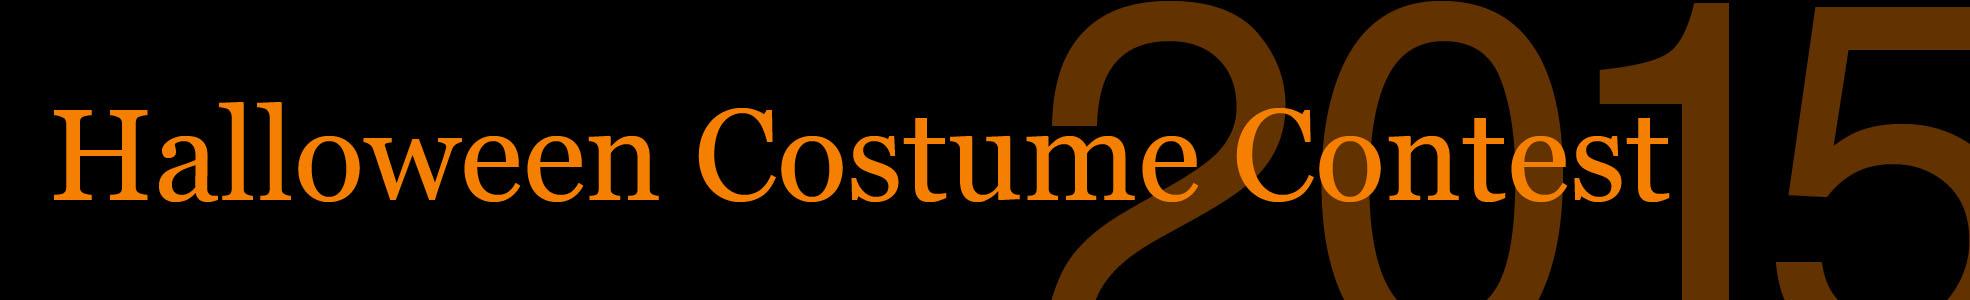 HL Costume Contest 2015